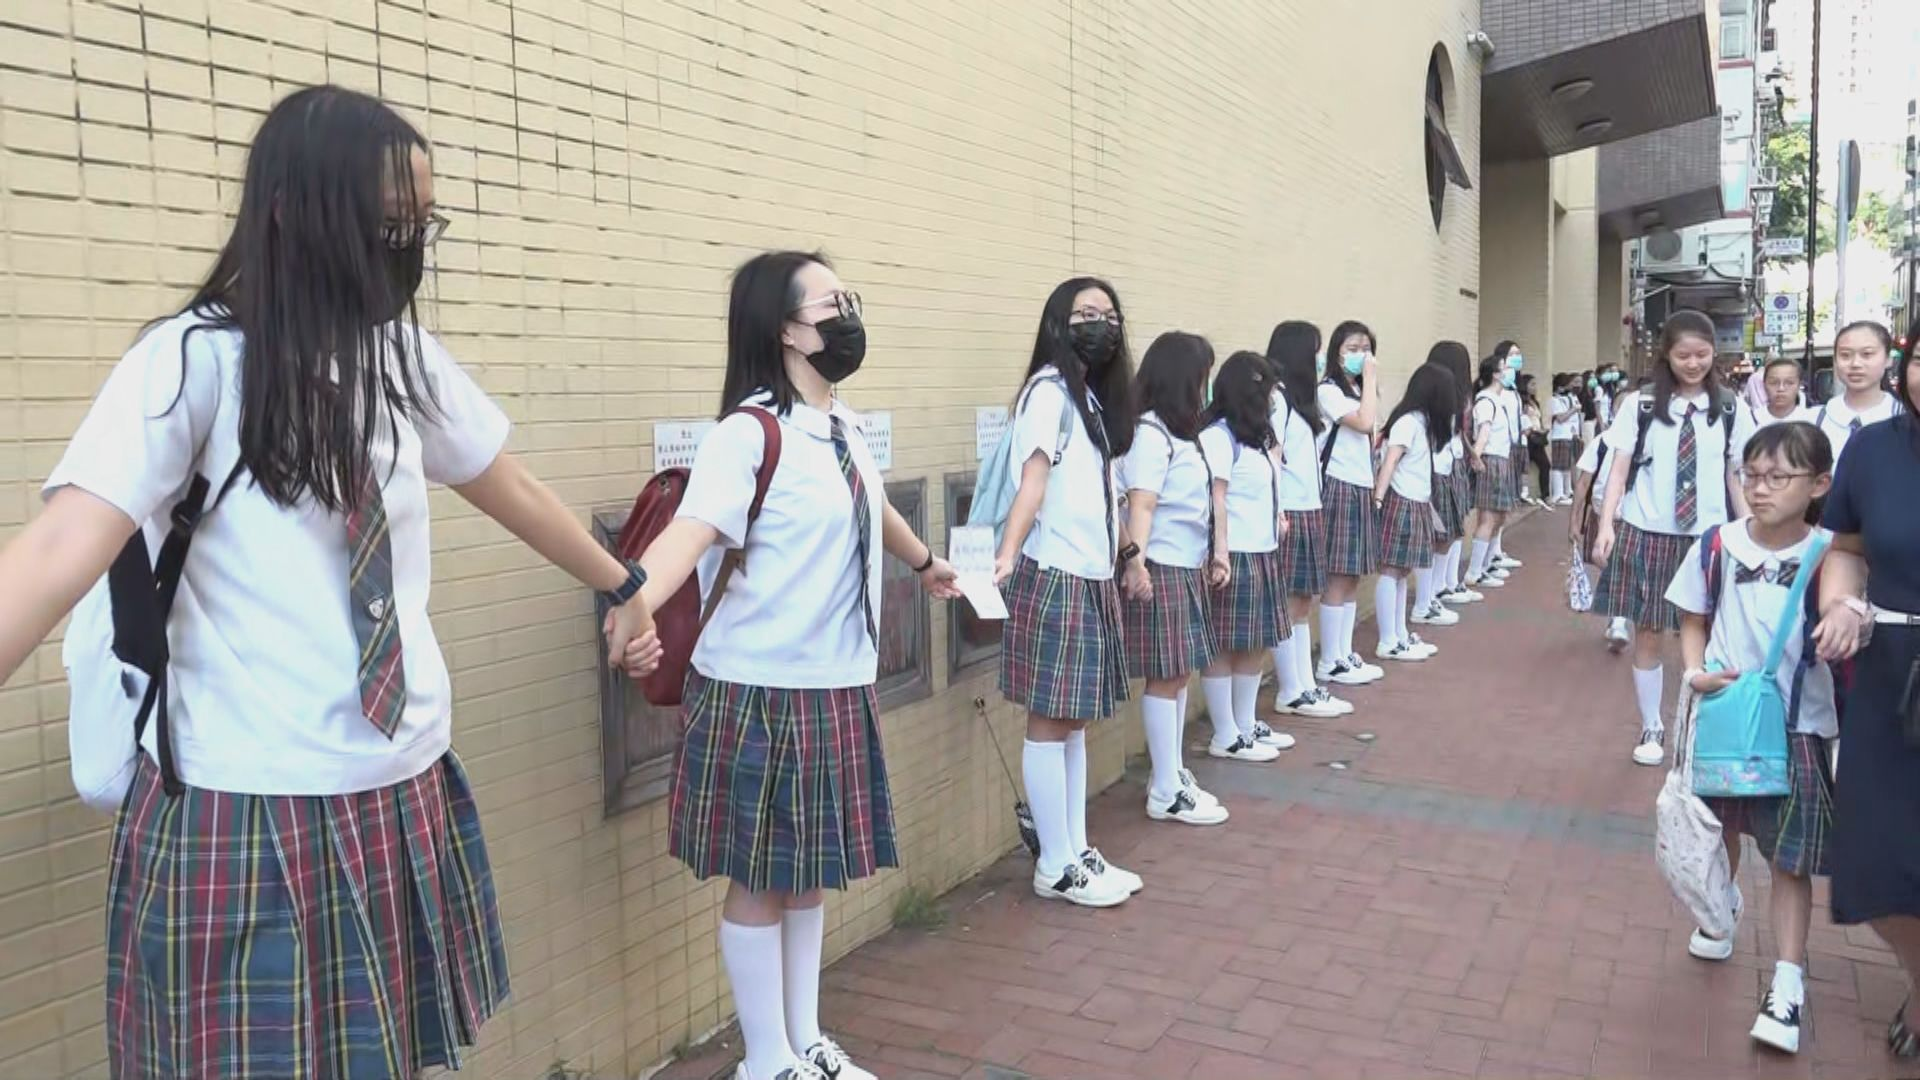 中學校長會:社會撕裂氣氛蔓延至學界教職員壓力大